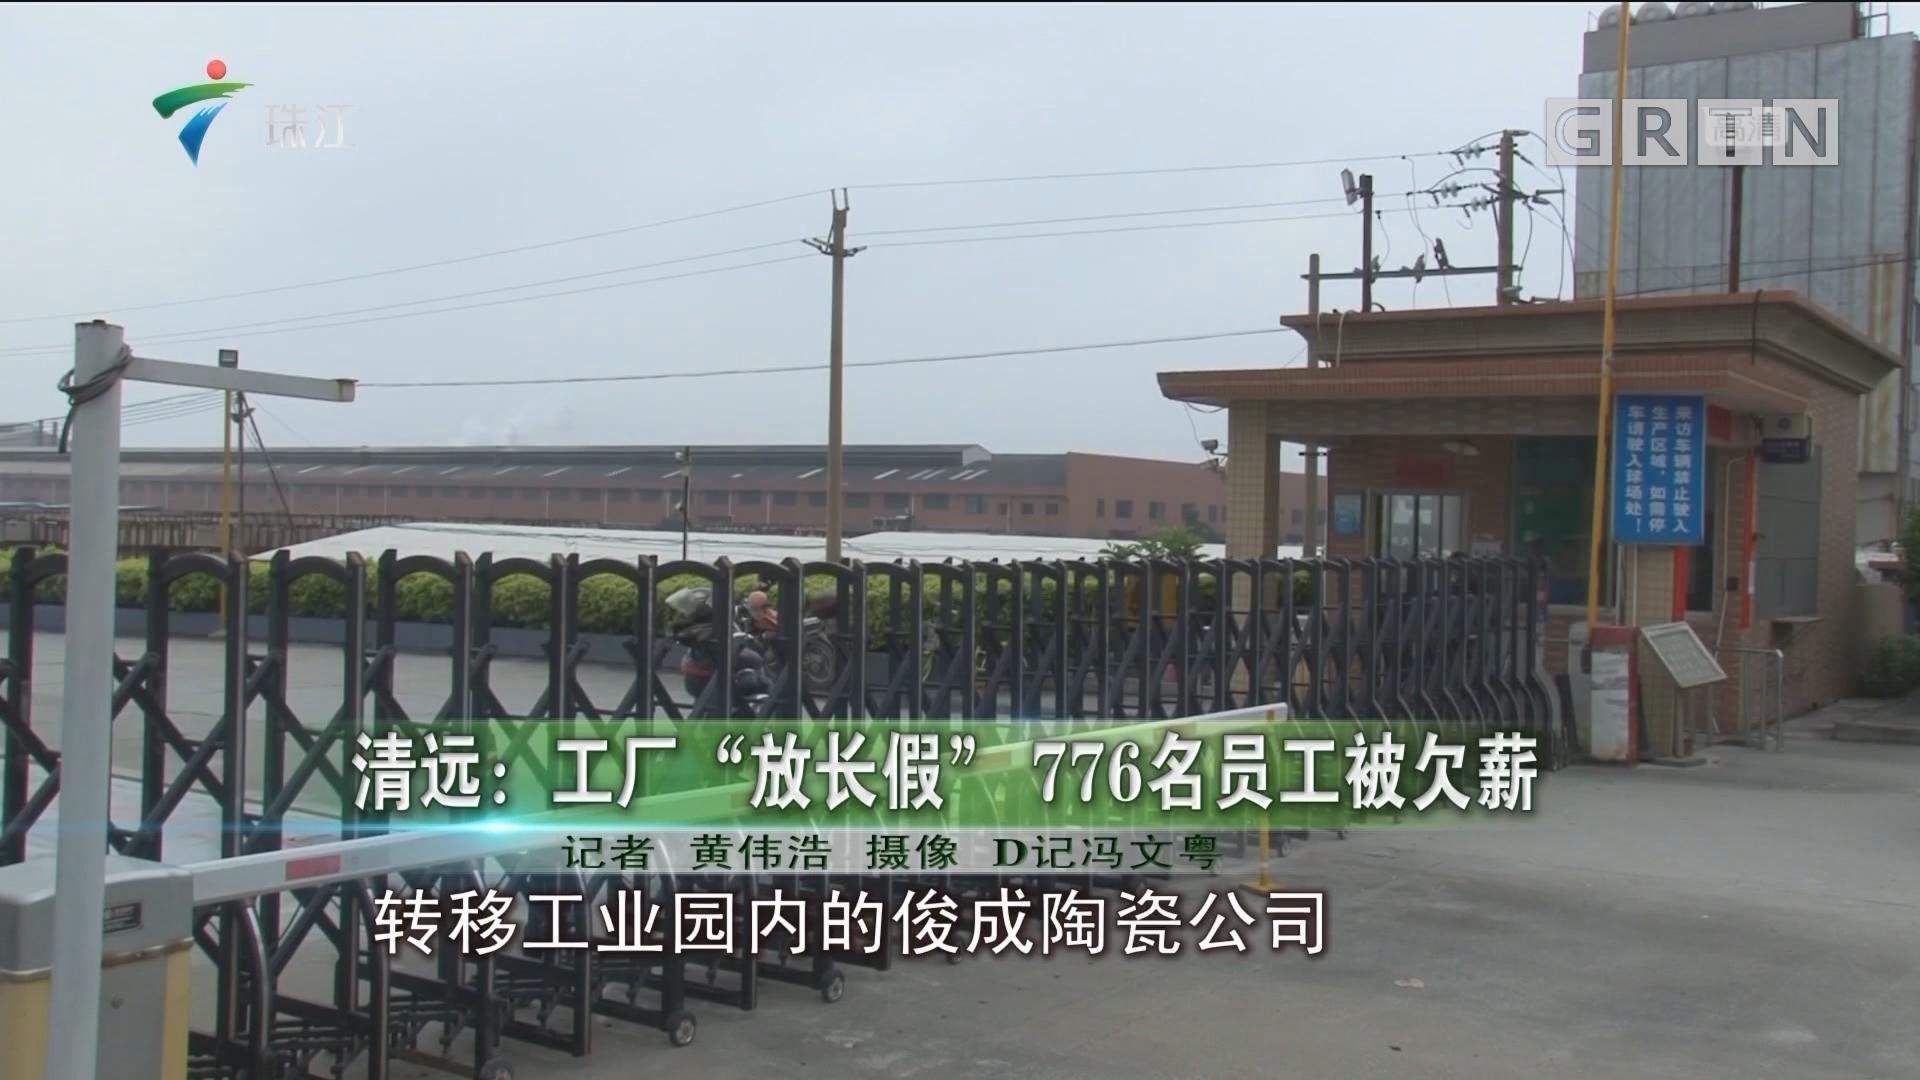 """清远:工厂""""放长假"""" 776名员工被欠薪"""